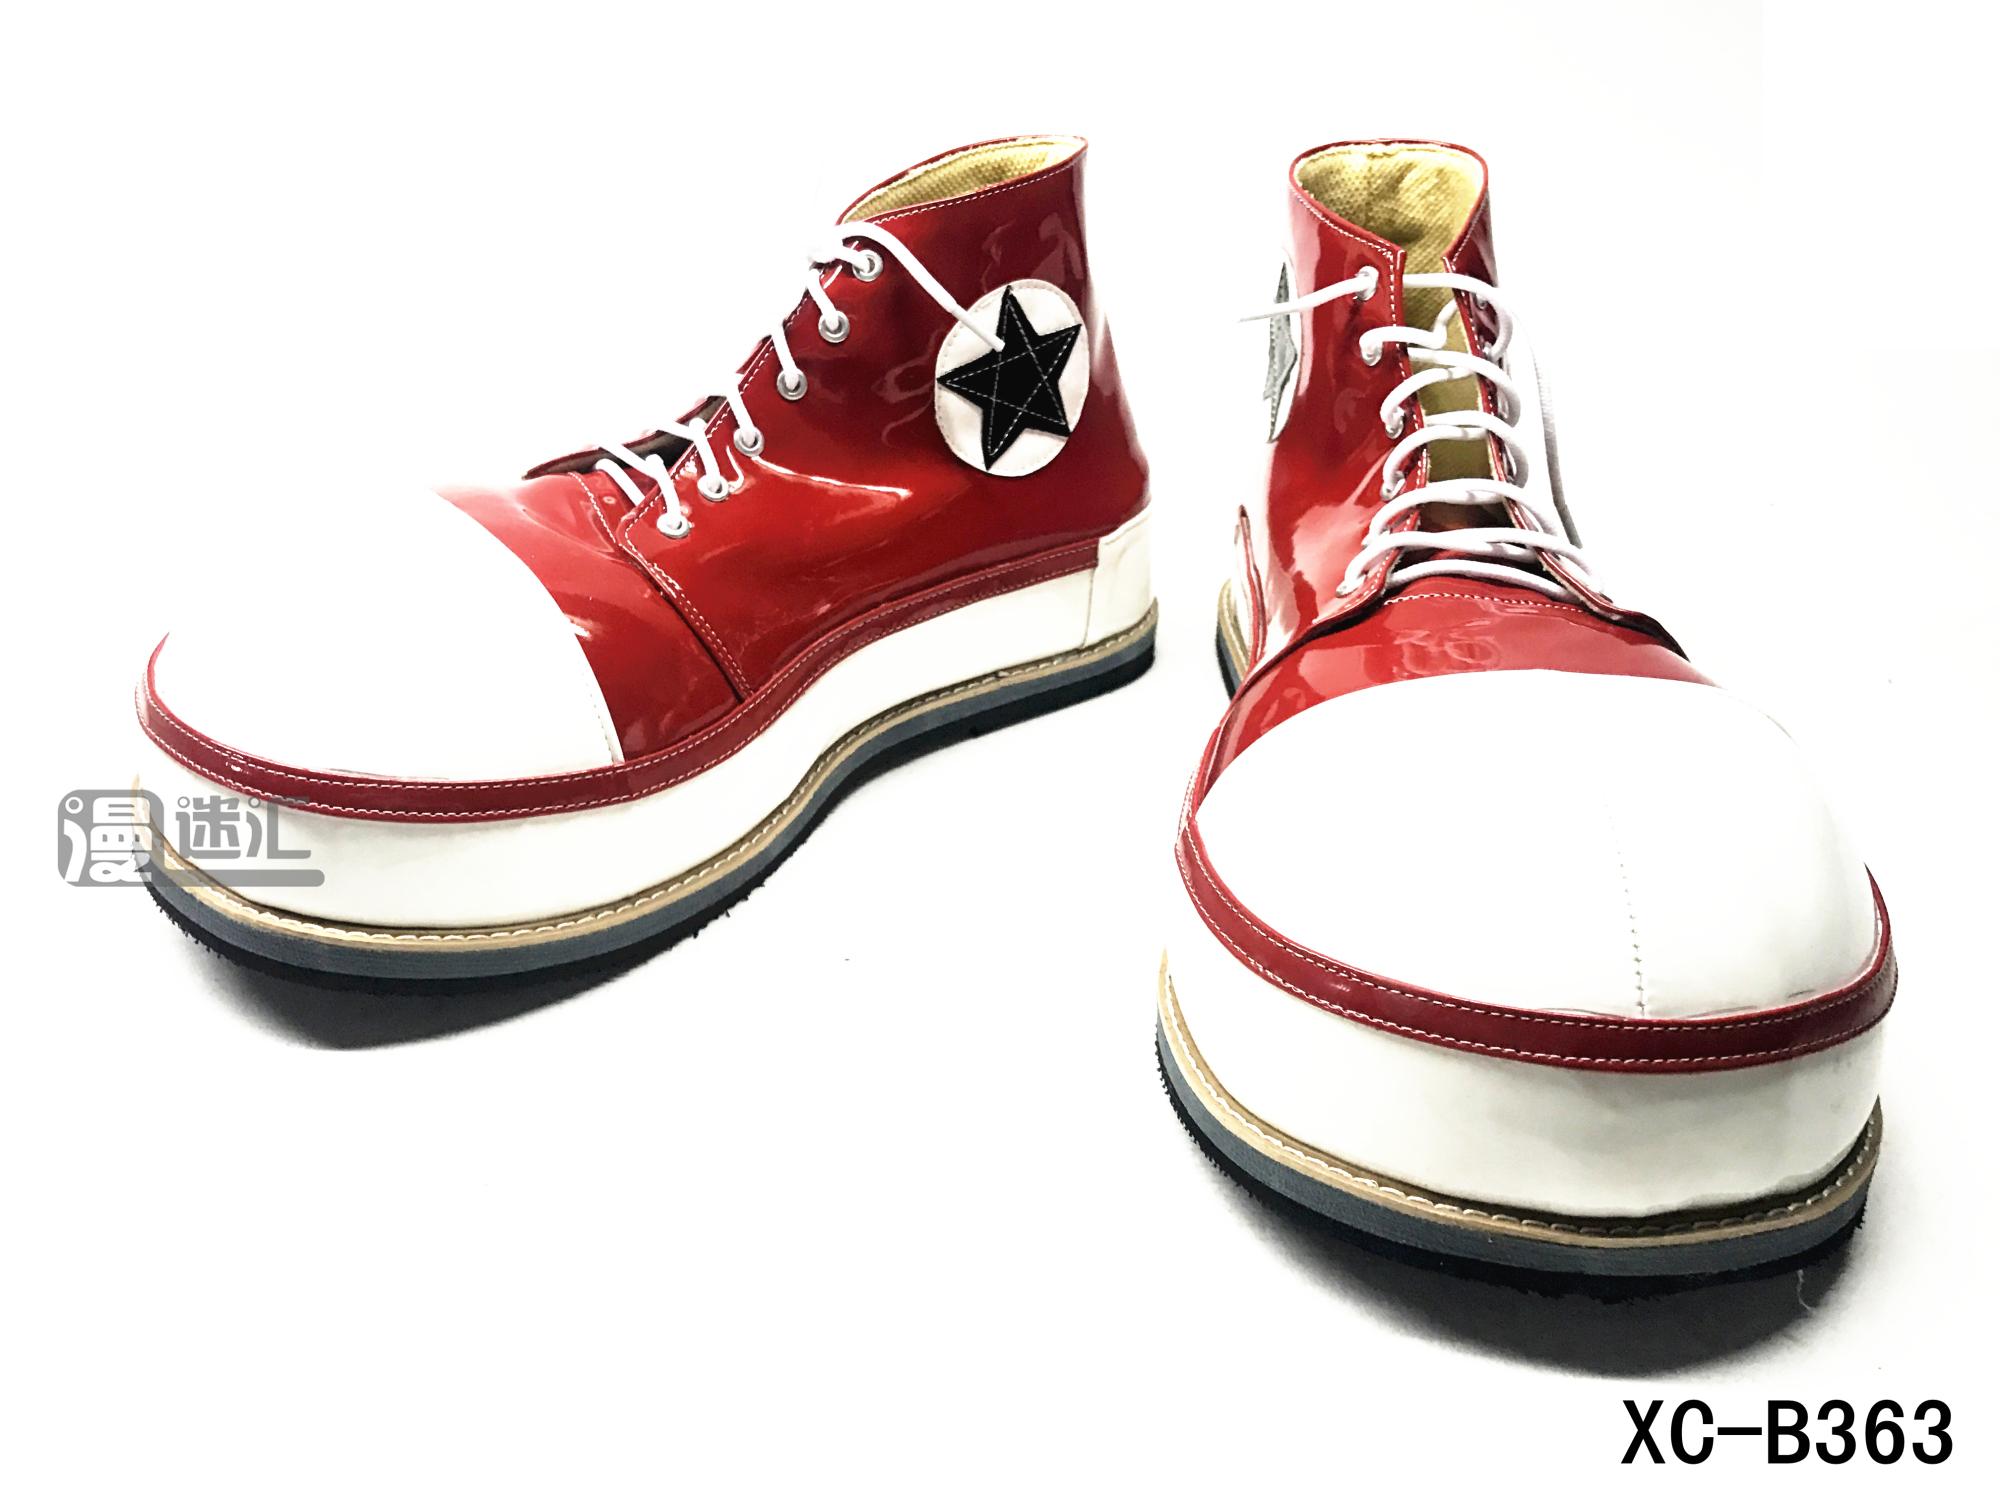 高端板鞋大圆头系列小丑鞋 clown shoes小丑角色扮演鞋XC-B363